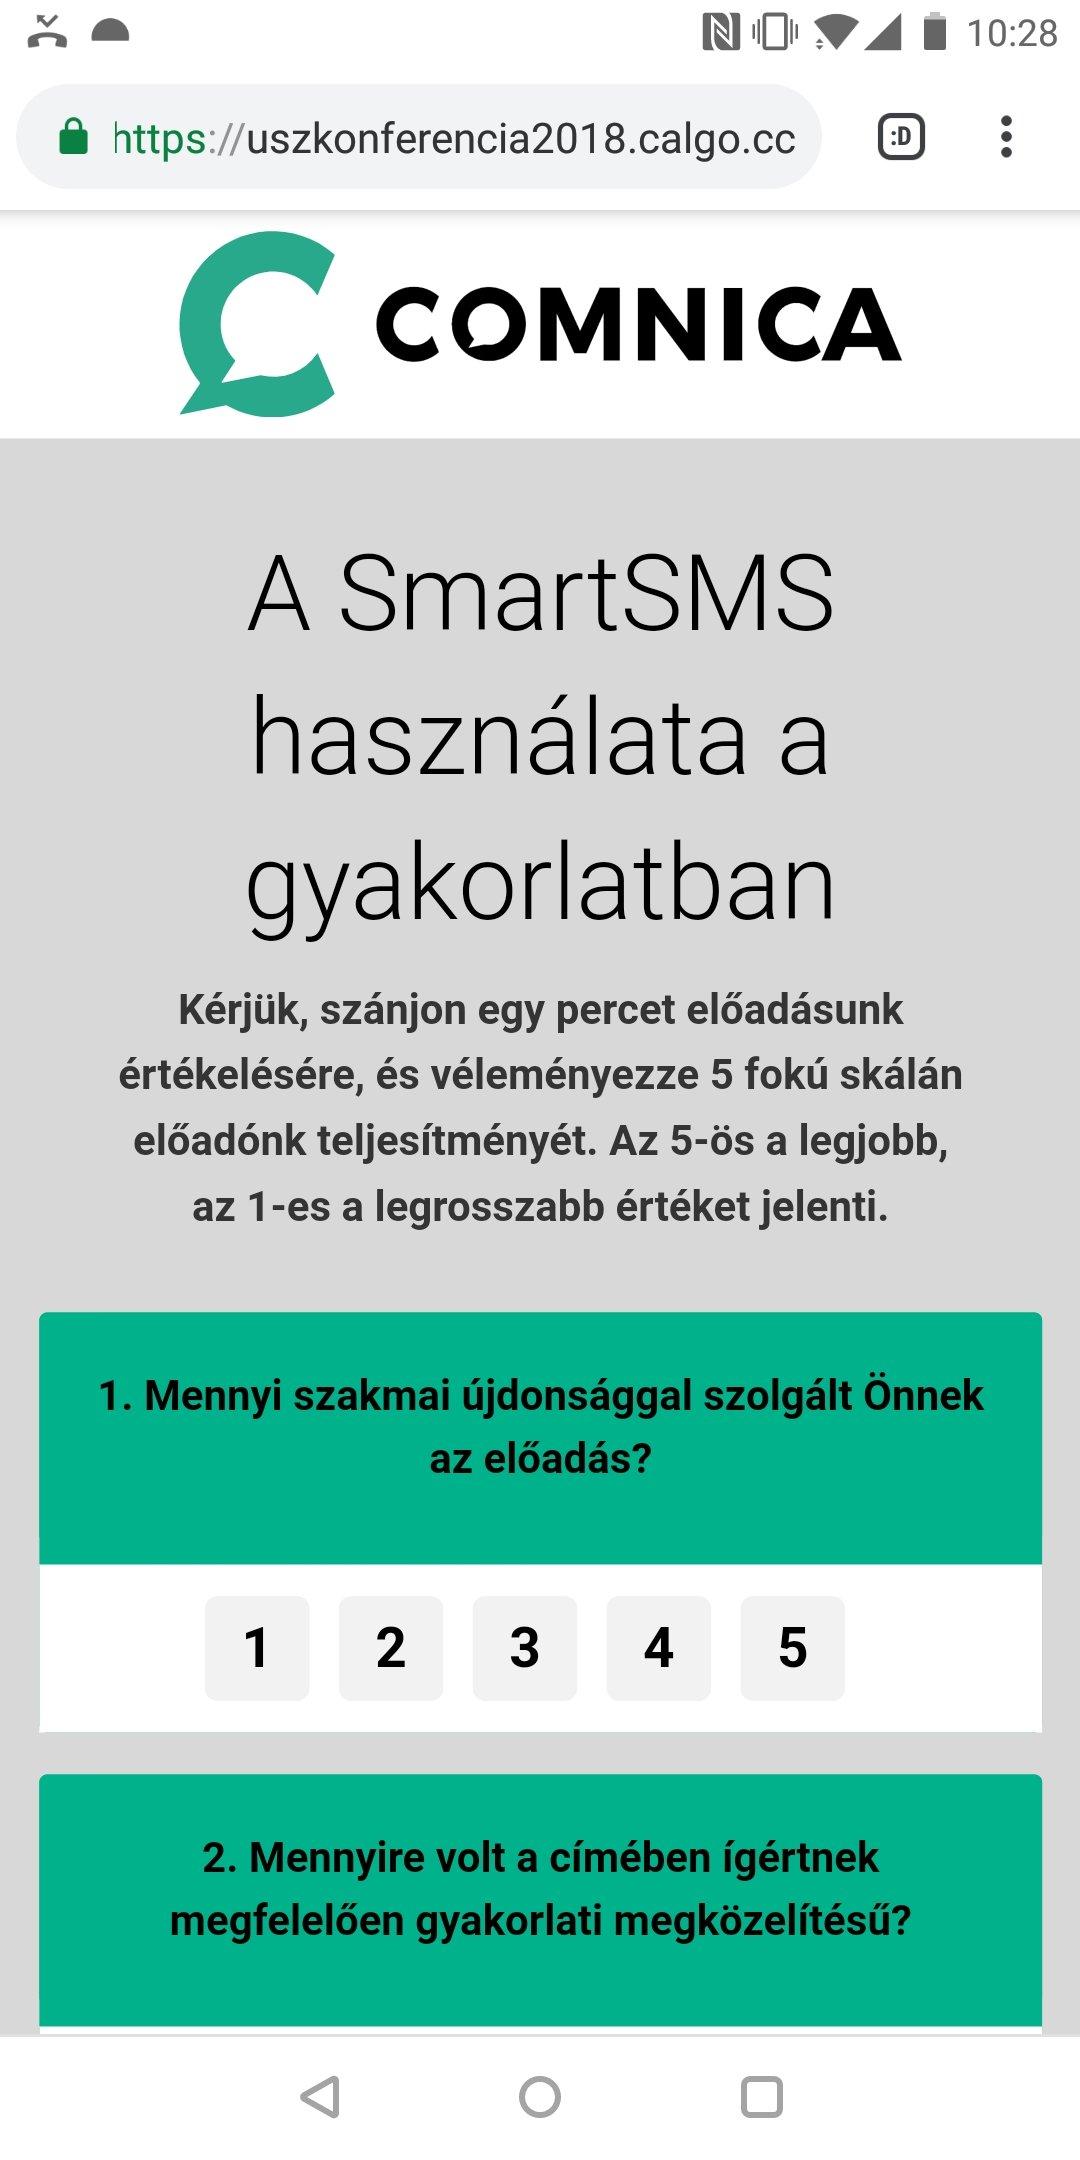 SmartSMS ügyfélvisszajelzés